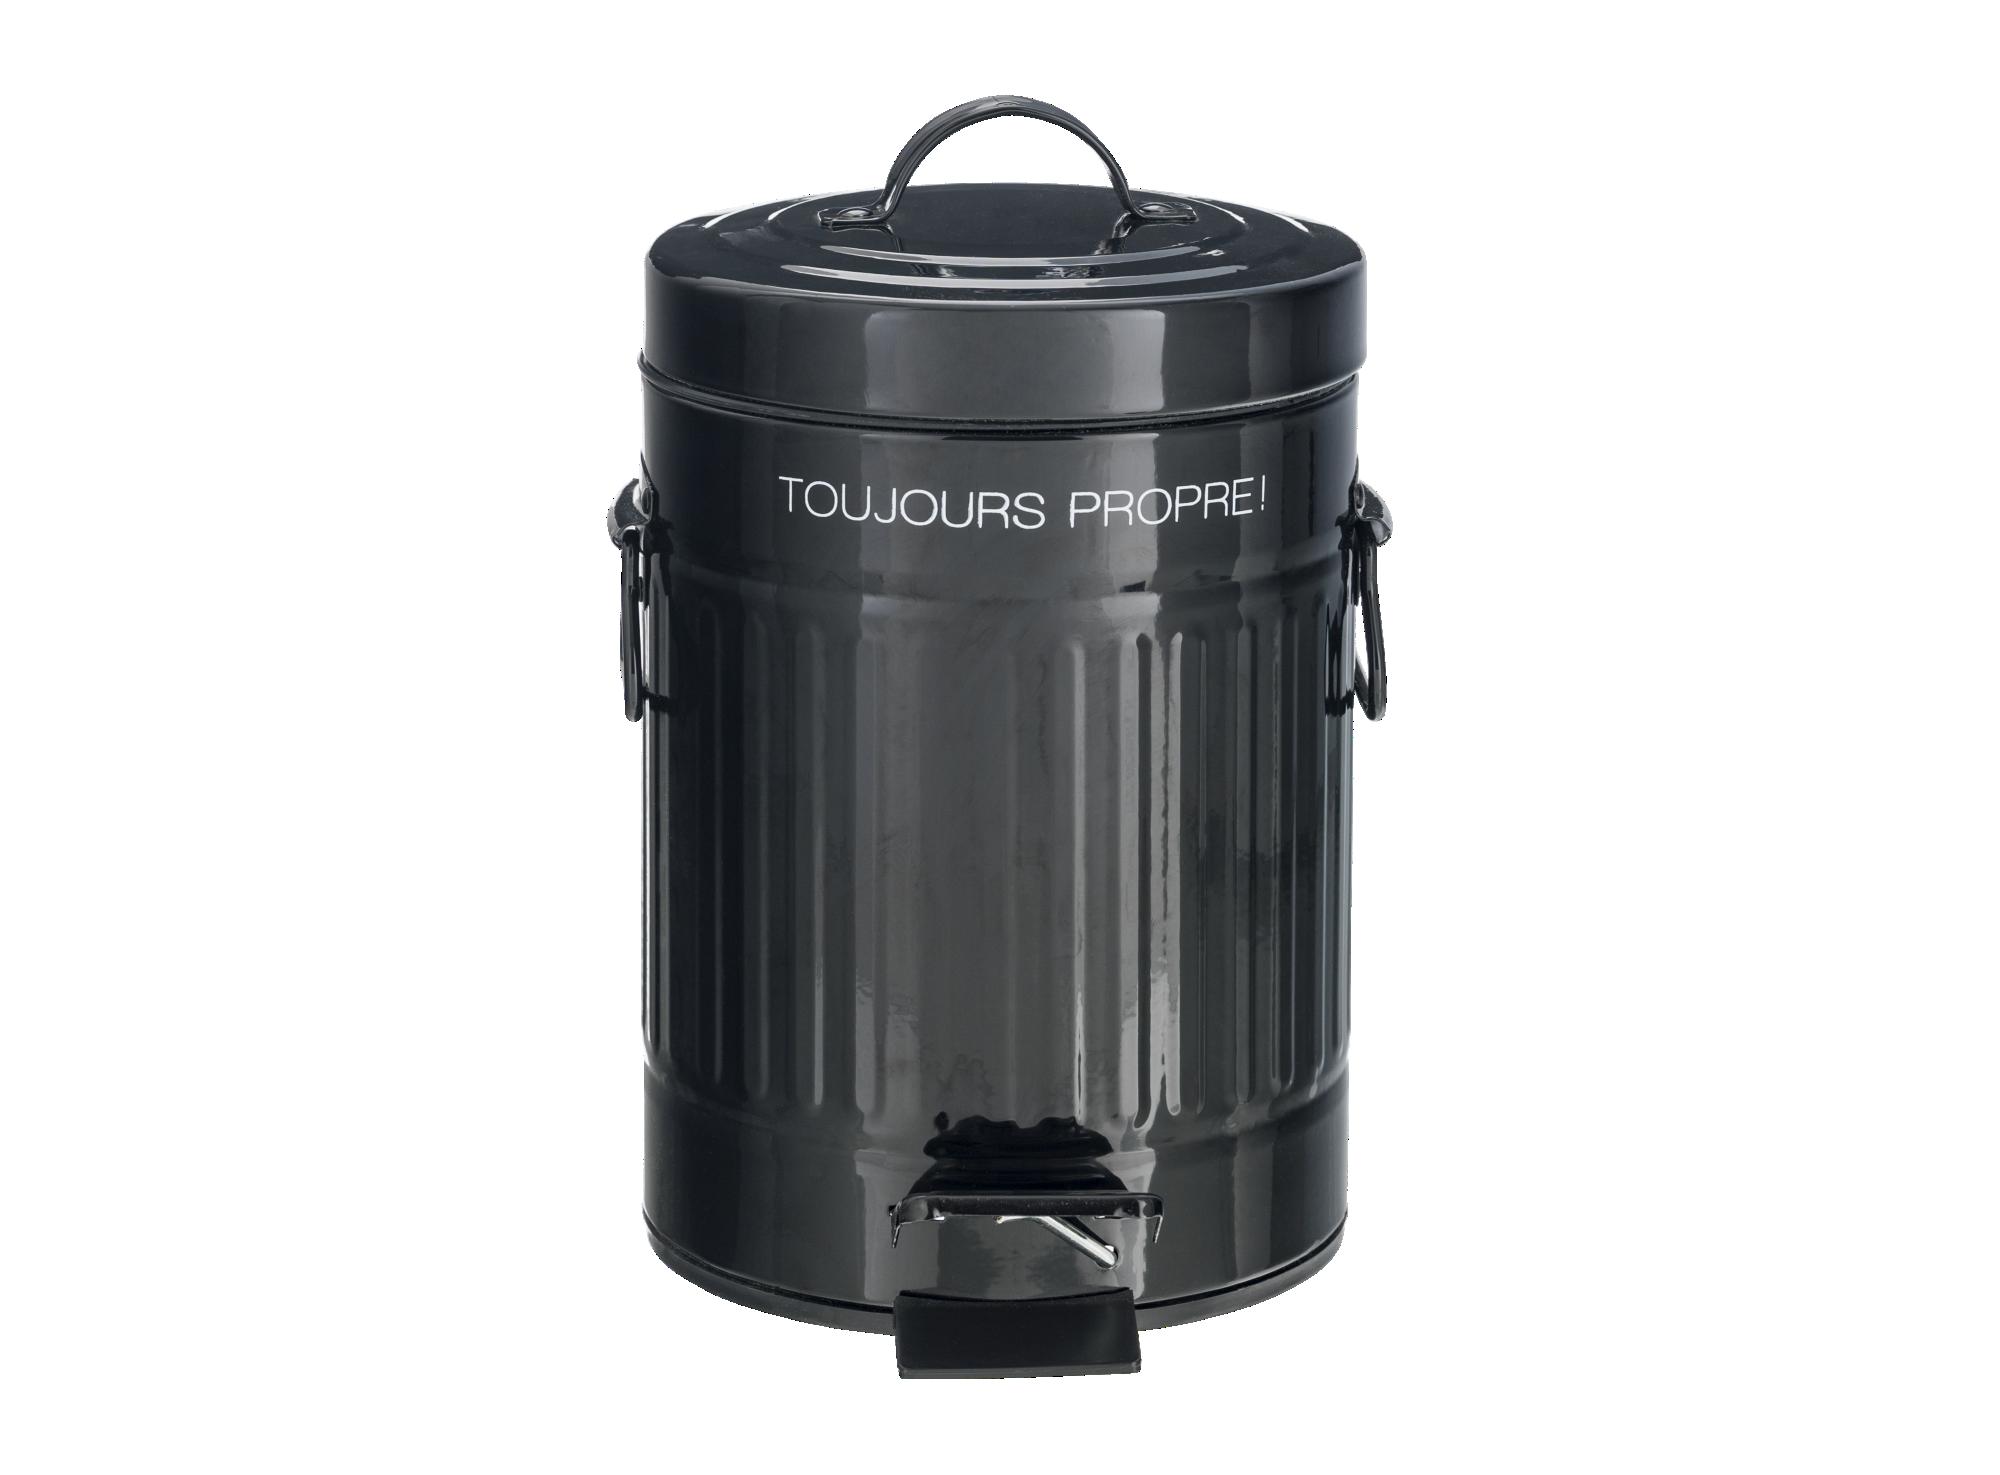 Poubelle 3 litres h30cm en acier inoxydable - coloris noir